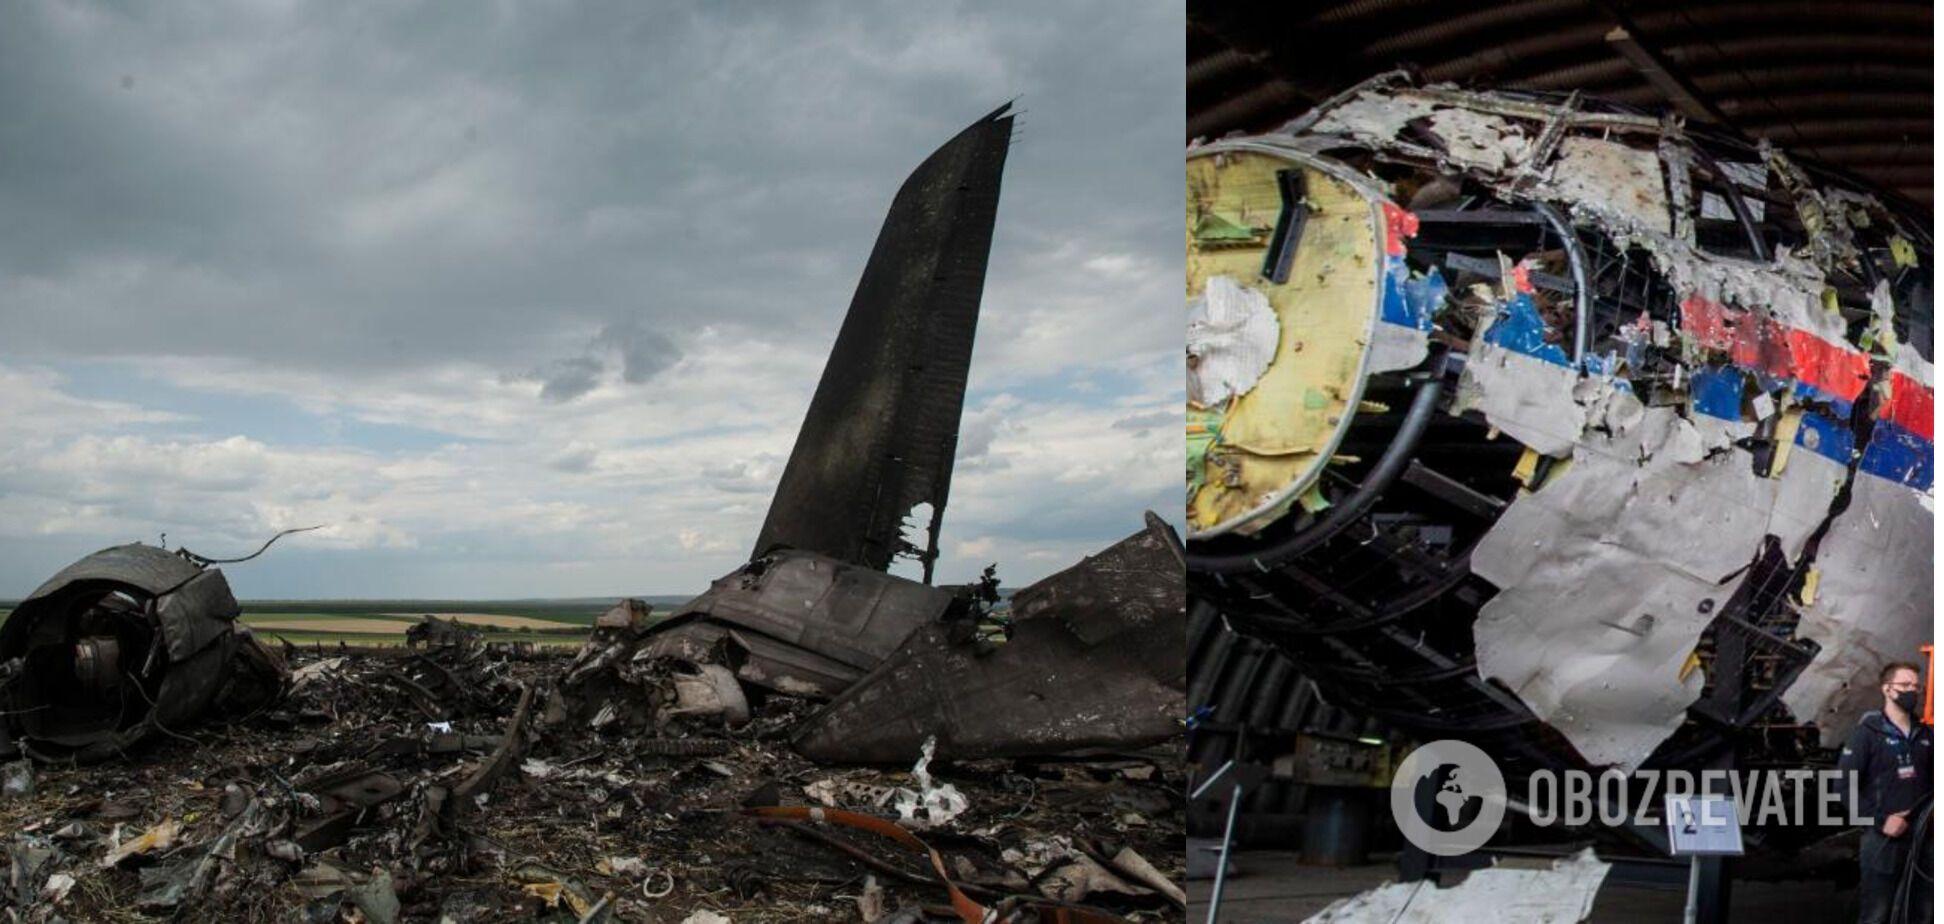 Наемники признавались в причастности к сбиванию украинской военного самолета и рейса МН17 на Донбассе